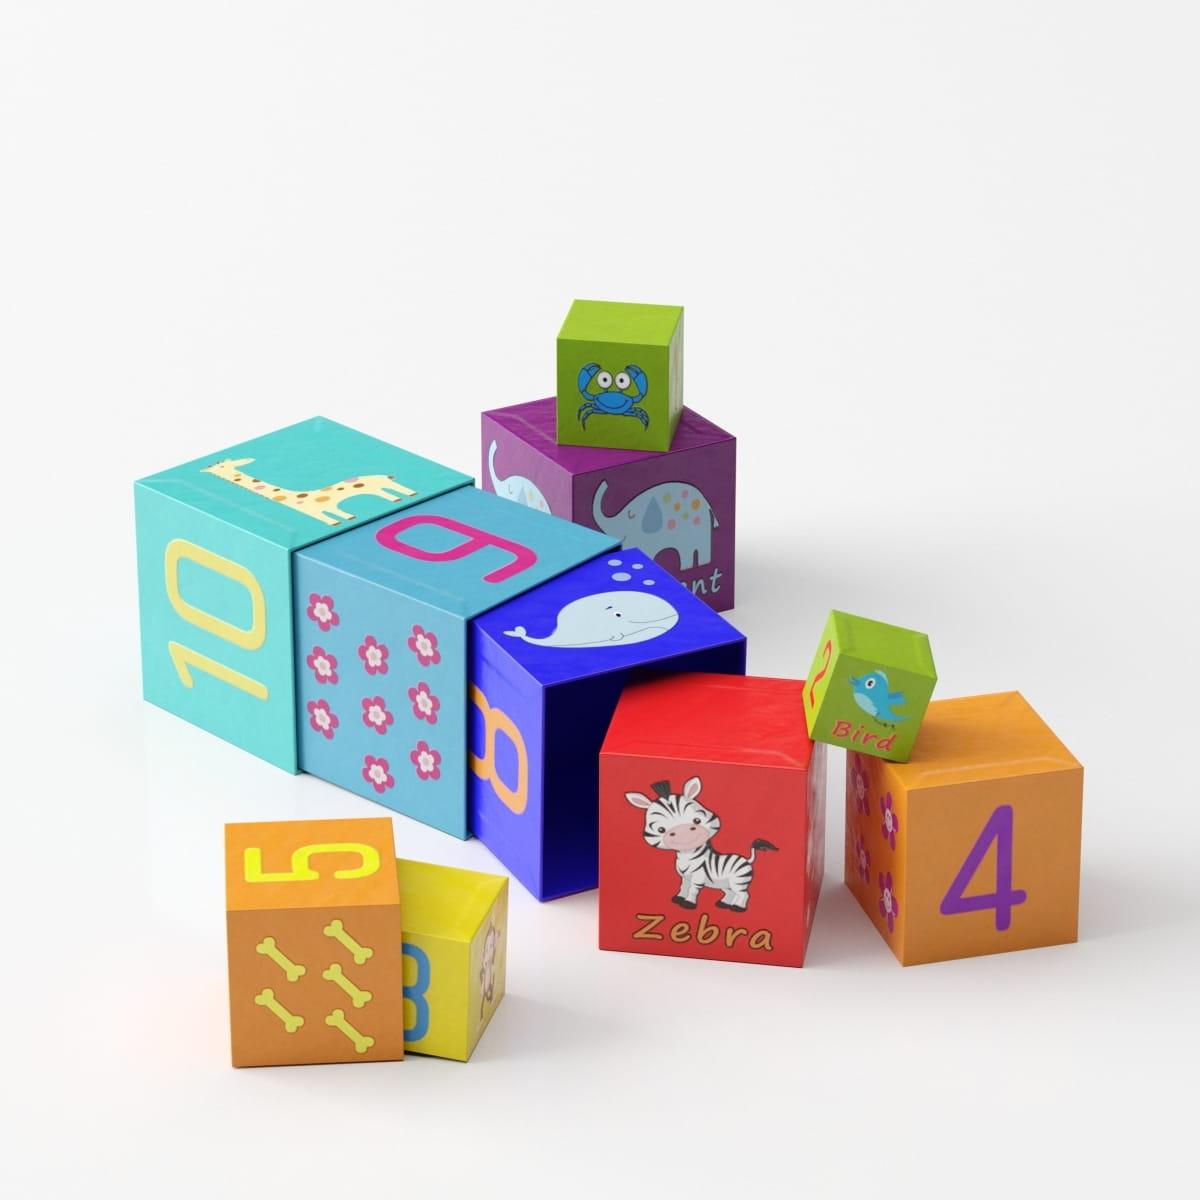 toy 35 AM232 Archmodels